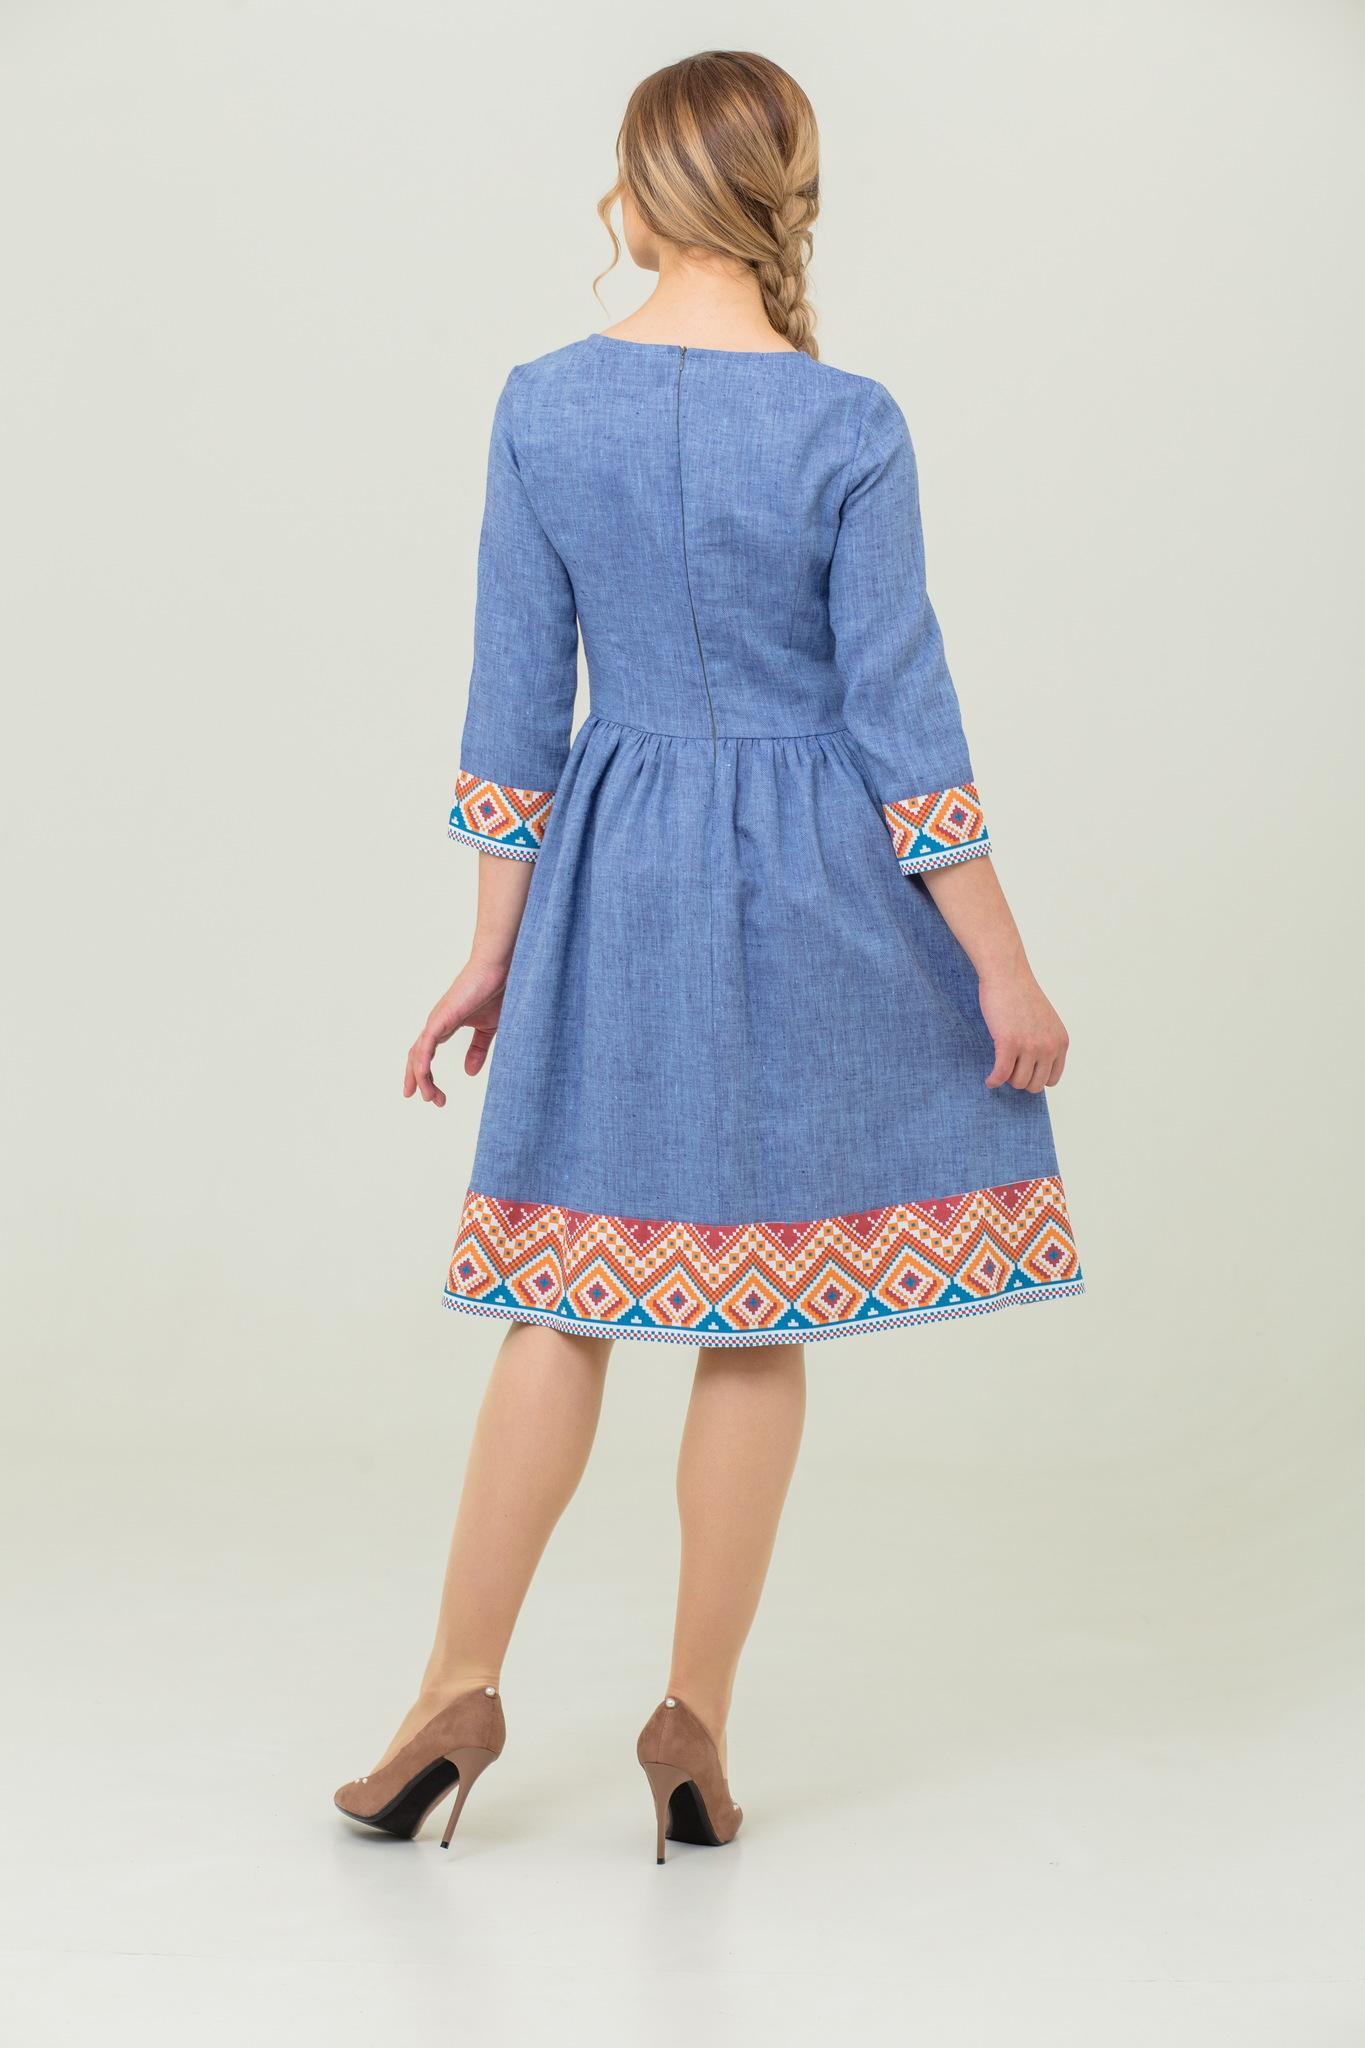 льняное платье бохо Синий меланж купить с доставкой